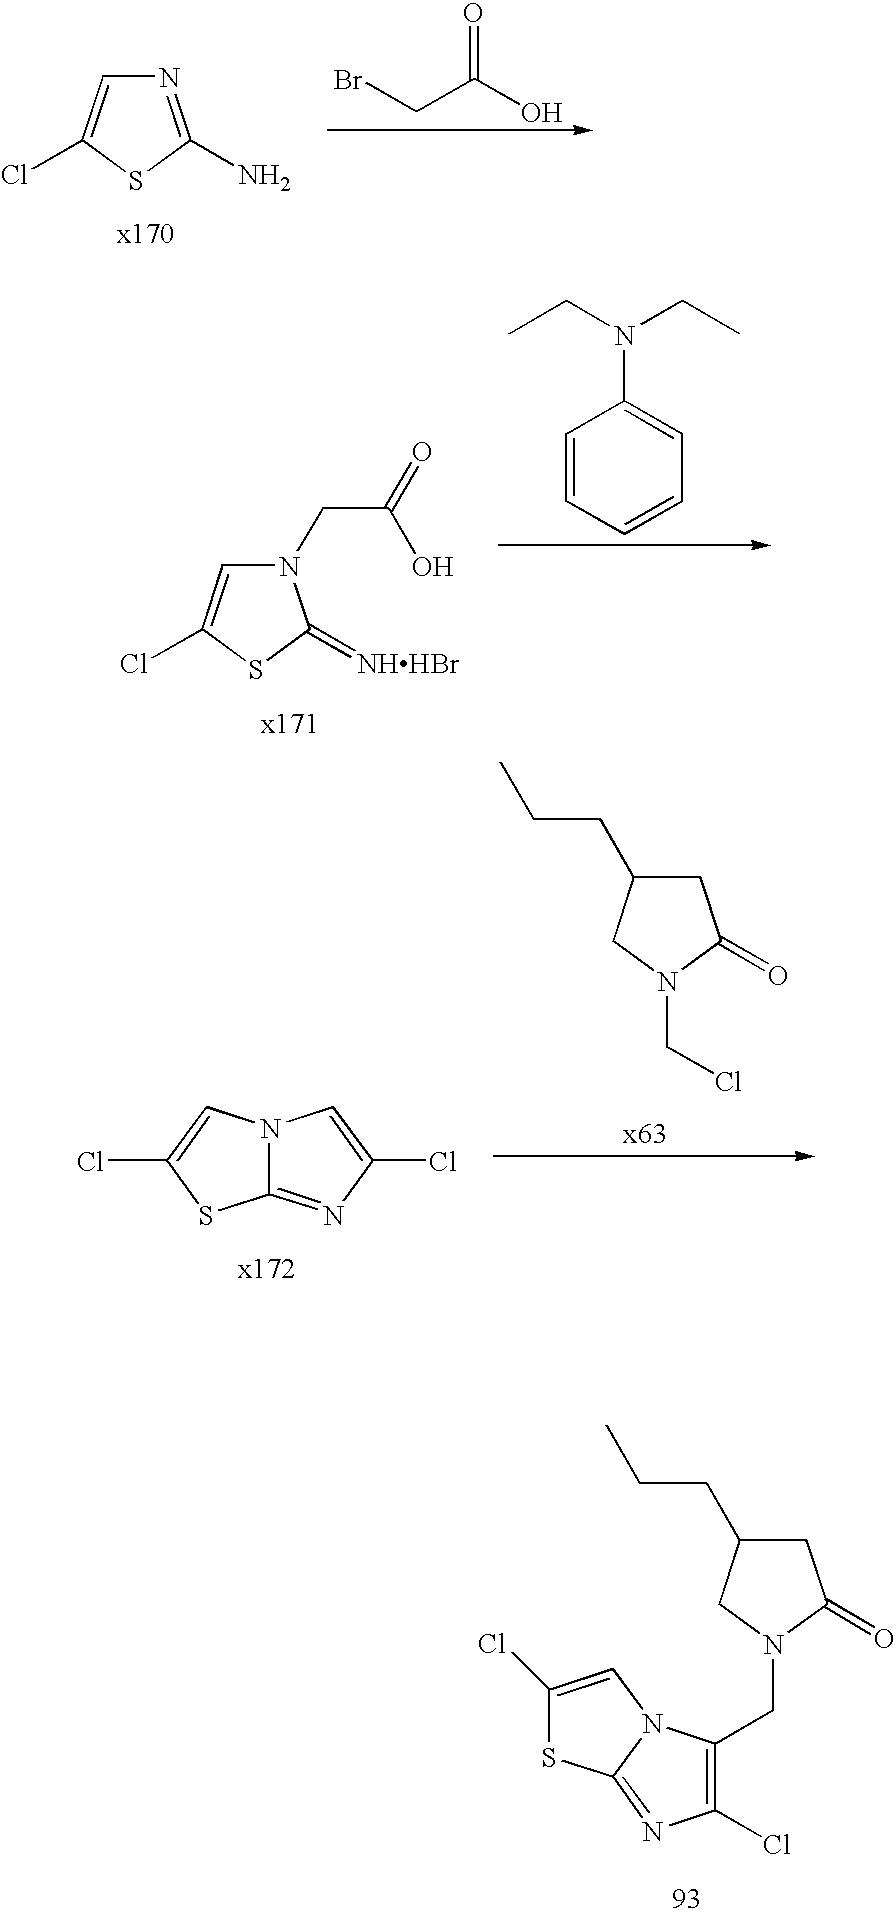 Figure US08183241-20120522-C00095